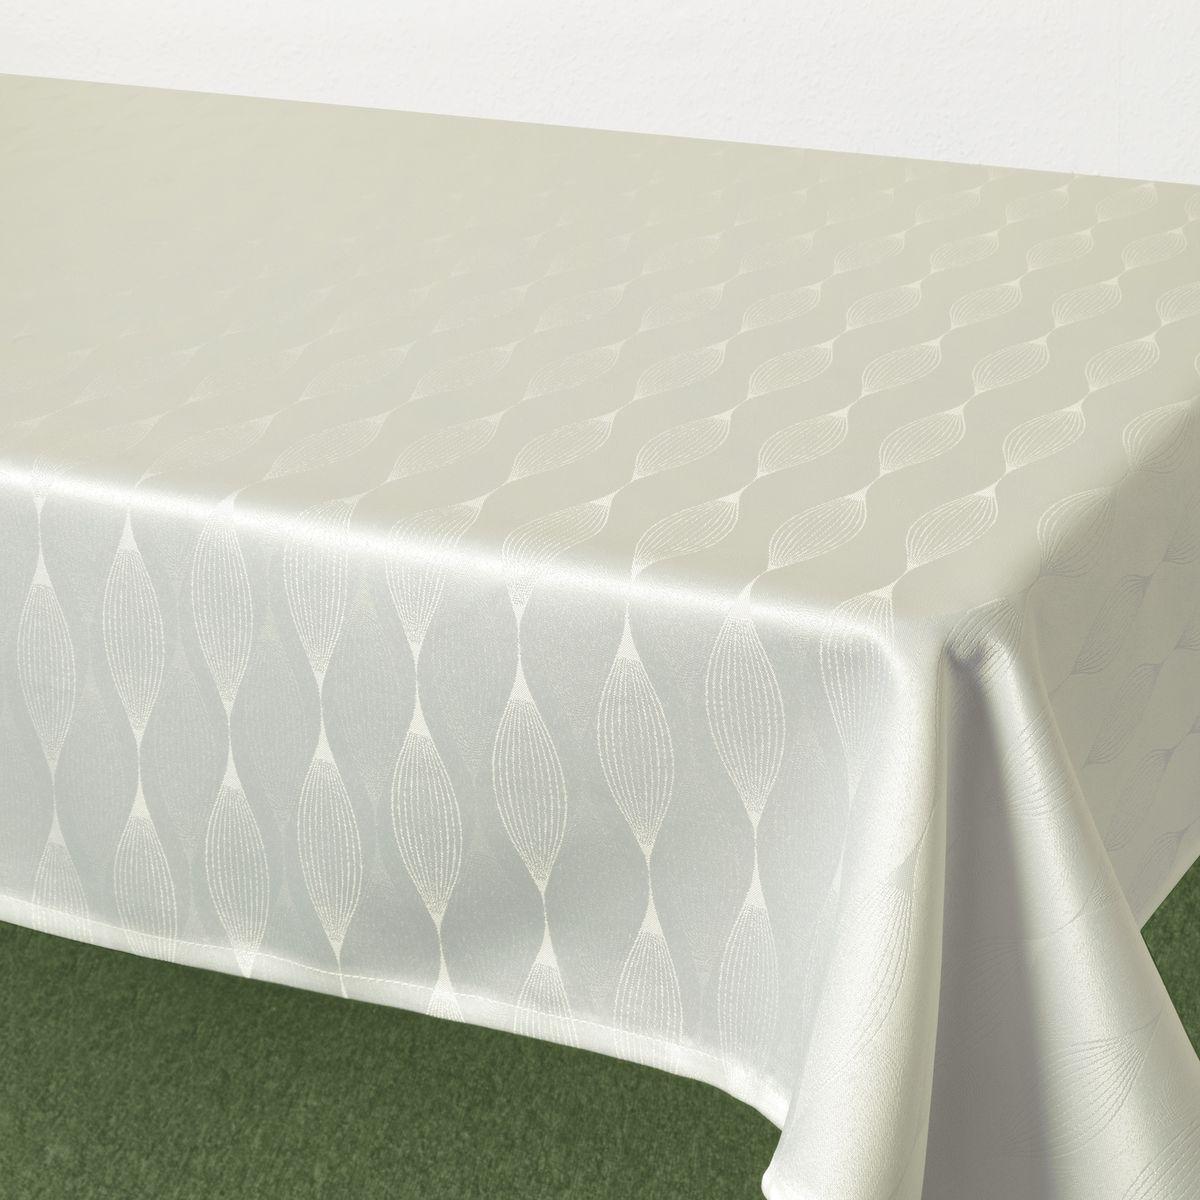 Скатерть Schaefer, прямоугольная, цвет: белый, 160 х 220 см. 07732-4081004900000360Стильная скатерть Schaefer выполнена из полиэстера.Изделия из полиэстера легко стирать: они не мнутся, не садятся и быстро сохнут, они более долговечны, чем изделия из натуральных волокон.Немецкая компания Schaefer создана в 1921 году. На протяжении всего времени существования она создает уникальные коллекции домашнего текстиля для гостиных, спален, кухонь и ванных комнат. Дизайнерские идеи немецких художников компании Schaefer воплощаются в текстильных изделиях, которые сделают ваш дом красивее и уютнее и не останутся незамеченными вашими гостями. Дарите себе и близким красоту каждый день!